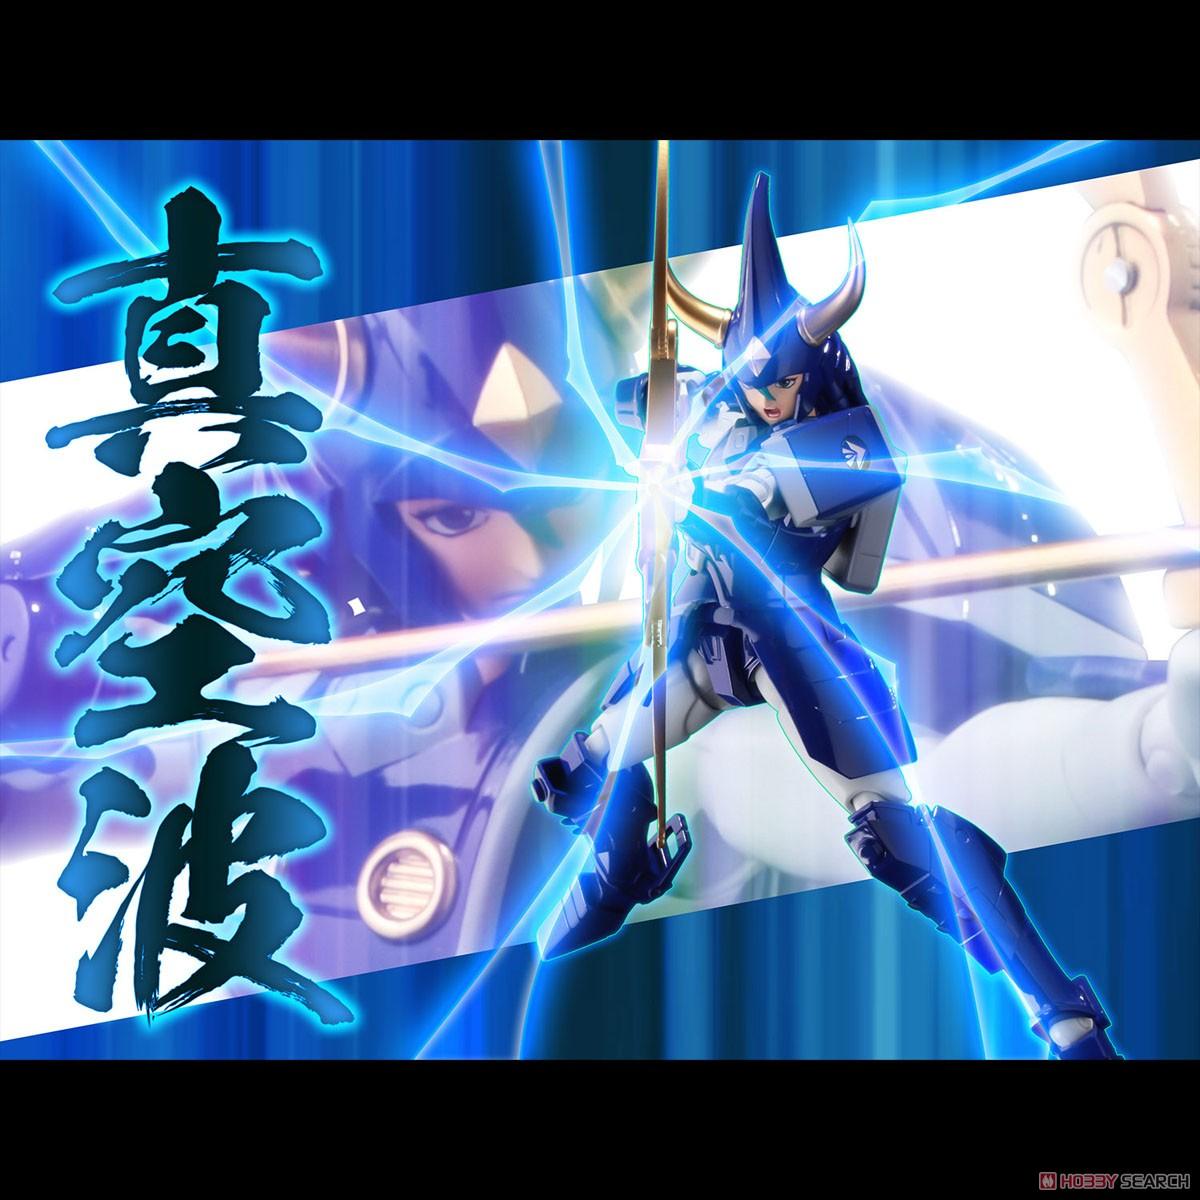 超弾可動『天空のトウマ』鎧伝サムライトルーパー 可動フィギュア-016